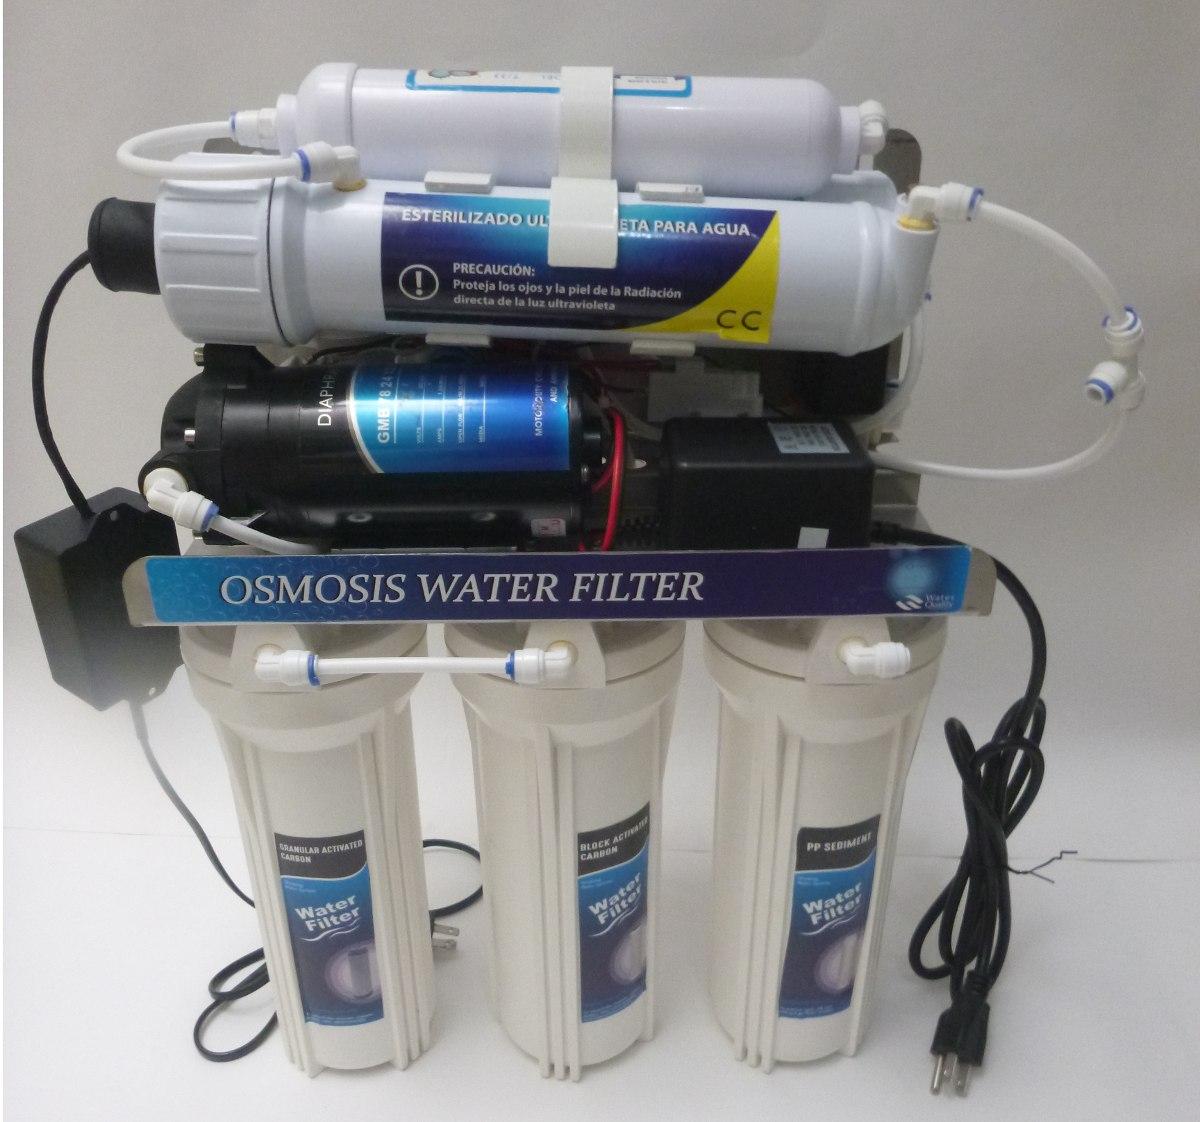 Filtro de agua osmosis inversa ultravioleta 100 gpd 6 - Agua de osmosis ...